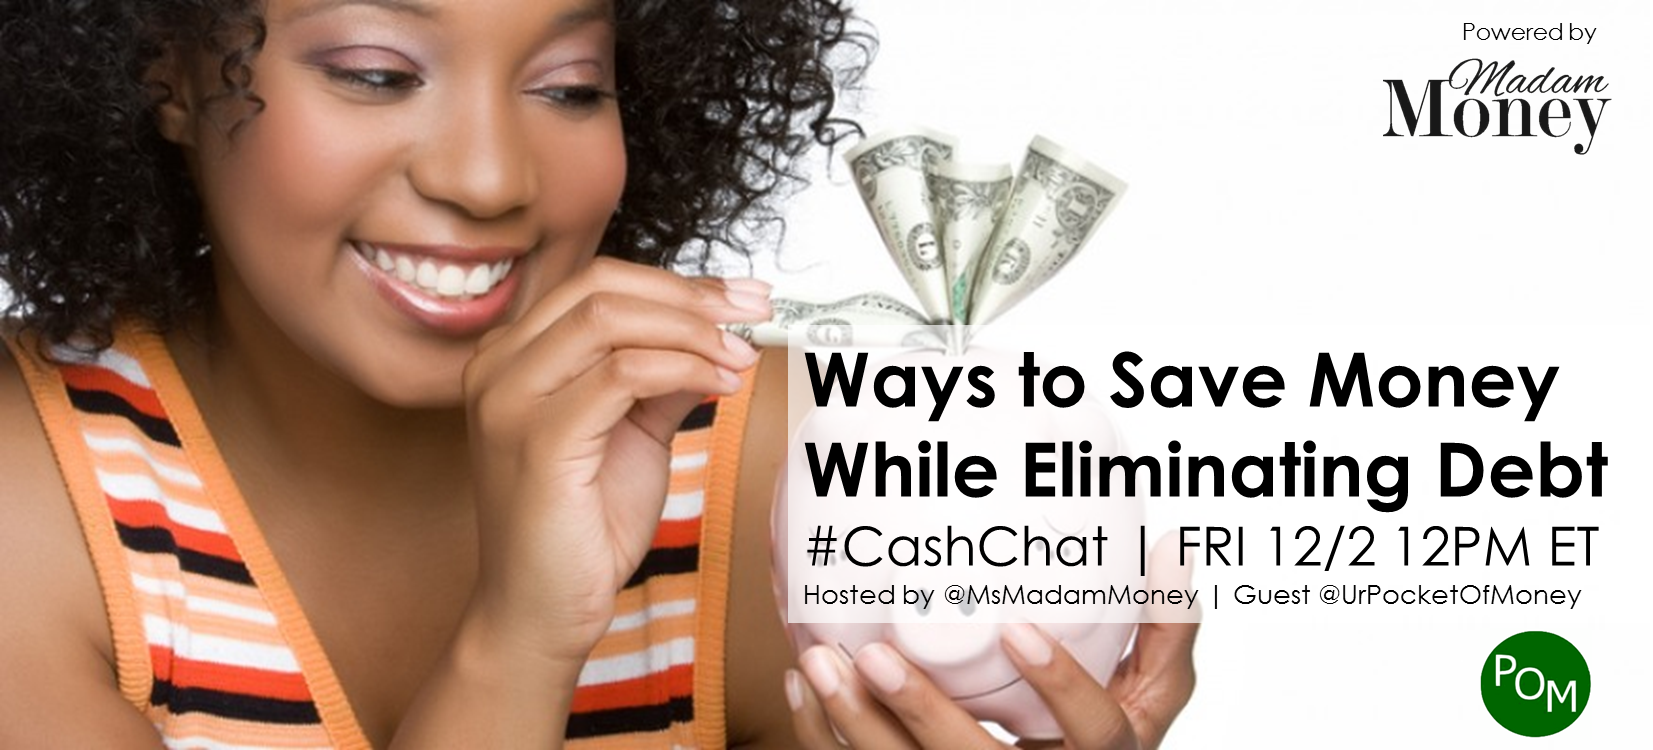 CashChat-120217-UrPocketOfMoney